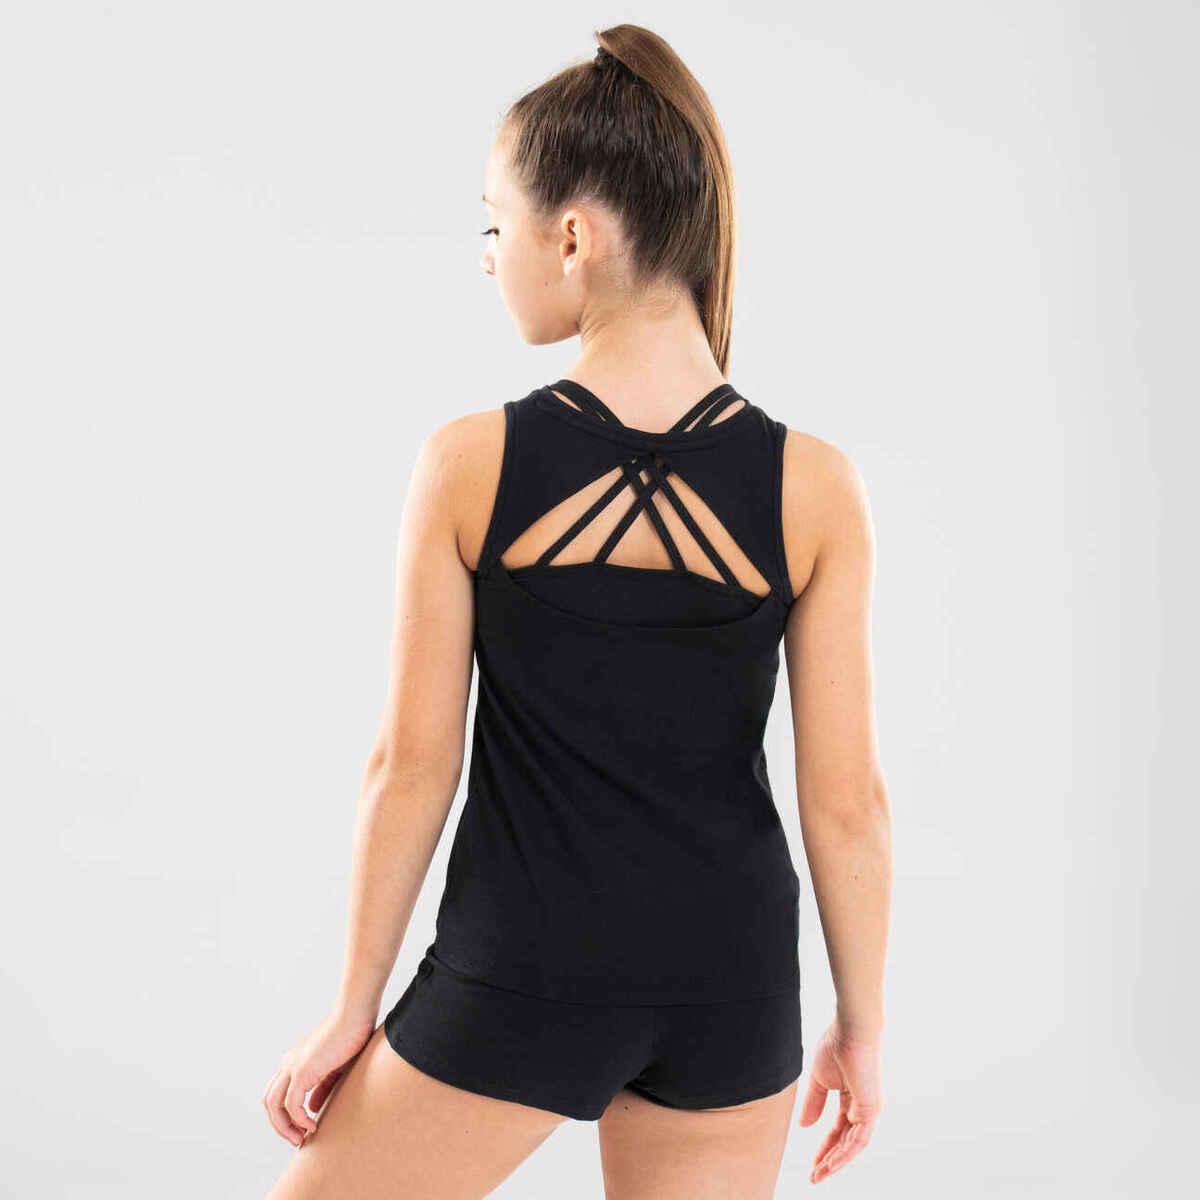 Bild 1 von Top mit Rückenöffnung Modern Dance Mädchen schwarz